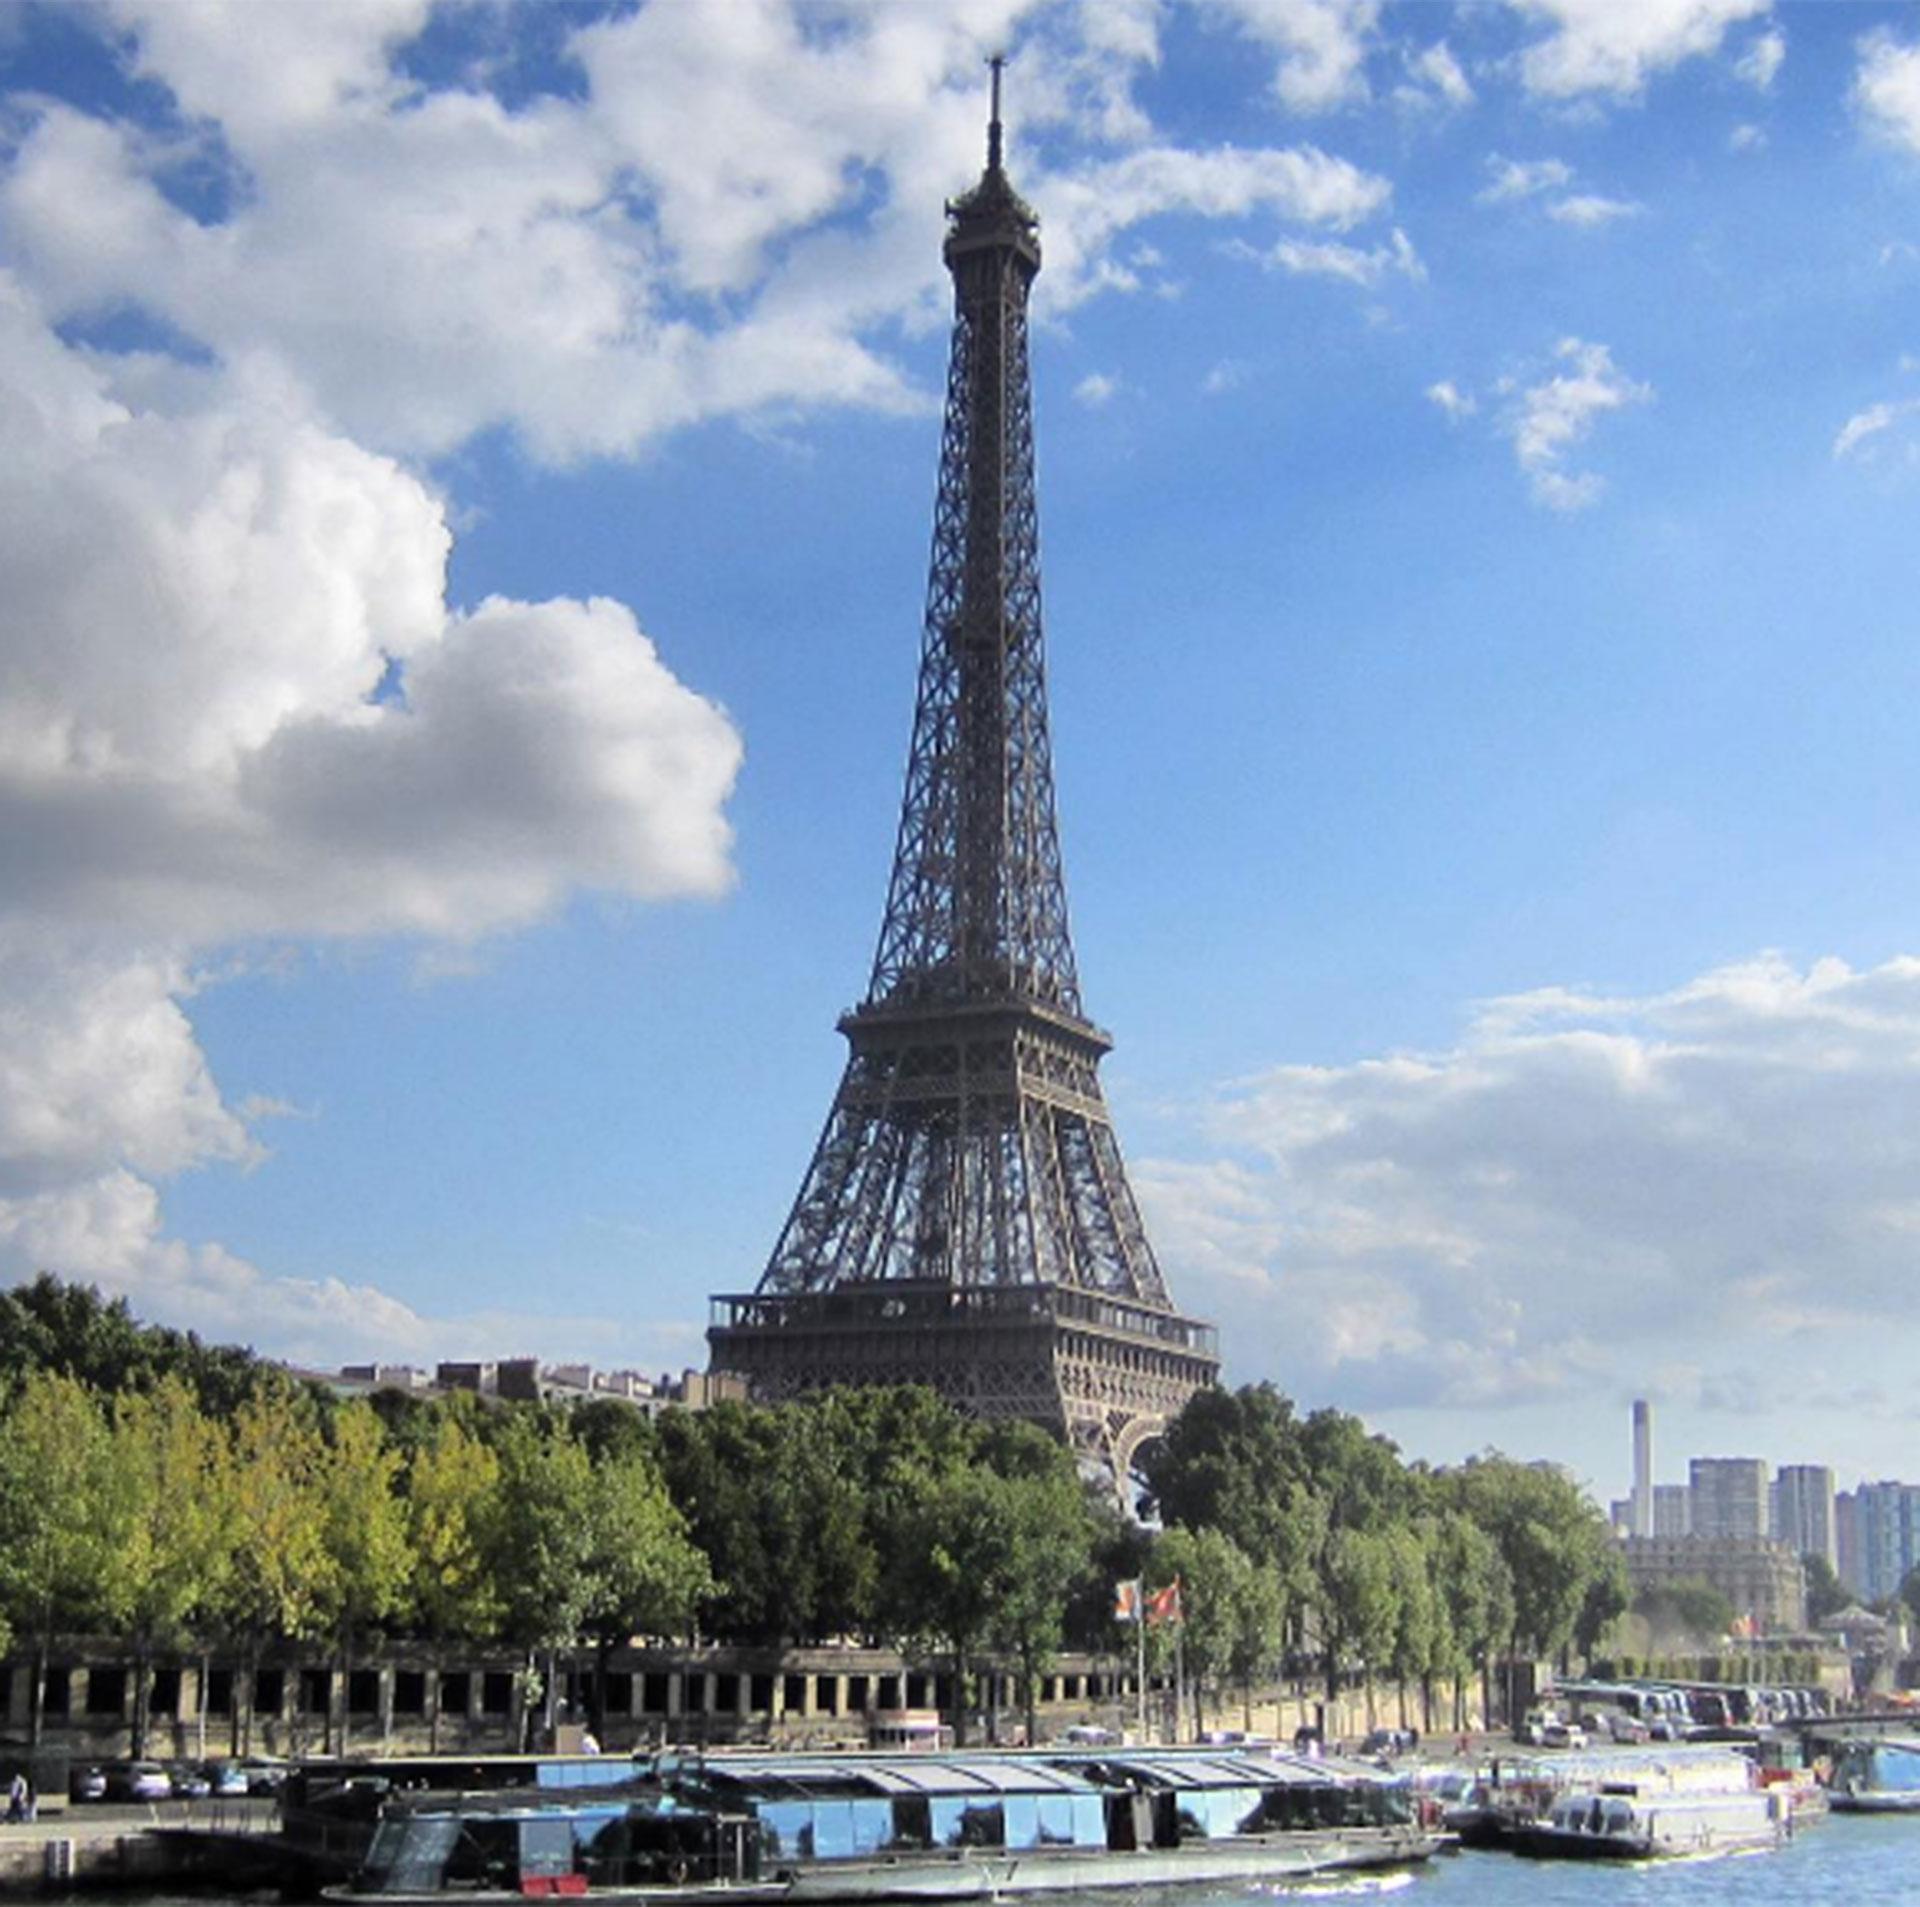 Paris, Francia. Jeppesen recomienda a los viajeros comenzar sus aventuras por los países cercanos al suyo para acostumbrarse. Después, largarse a la aventura